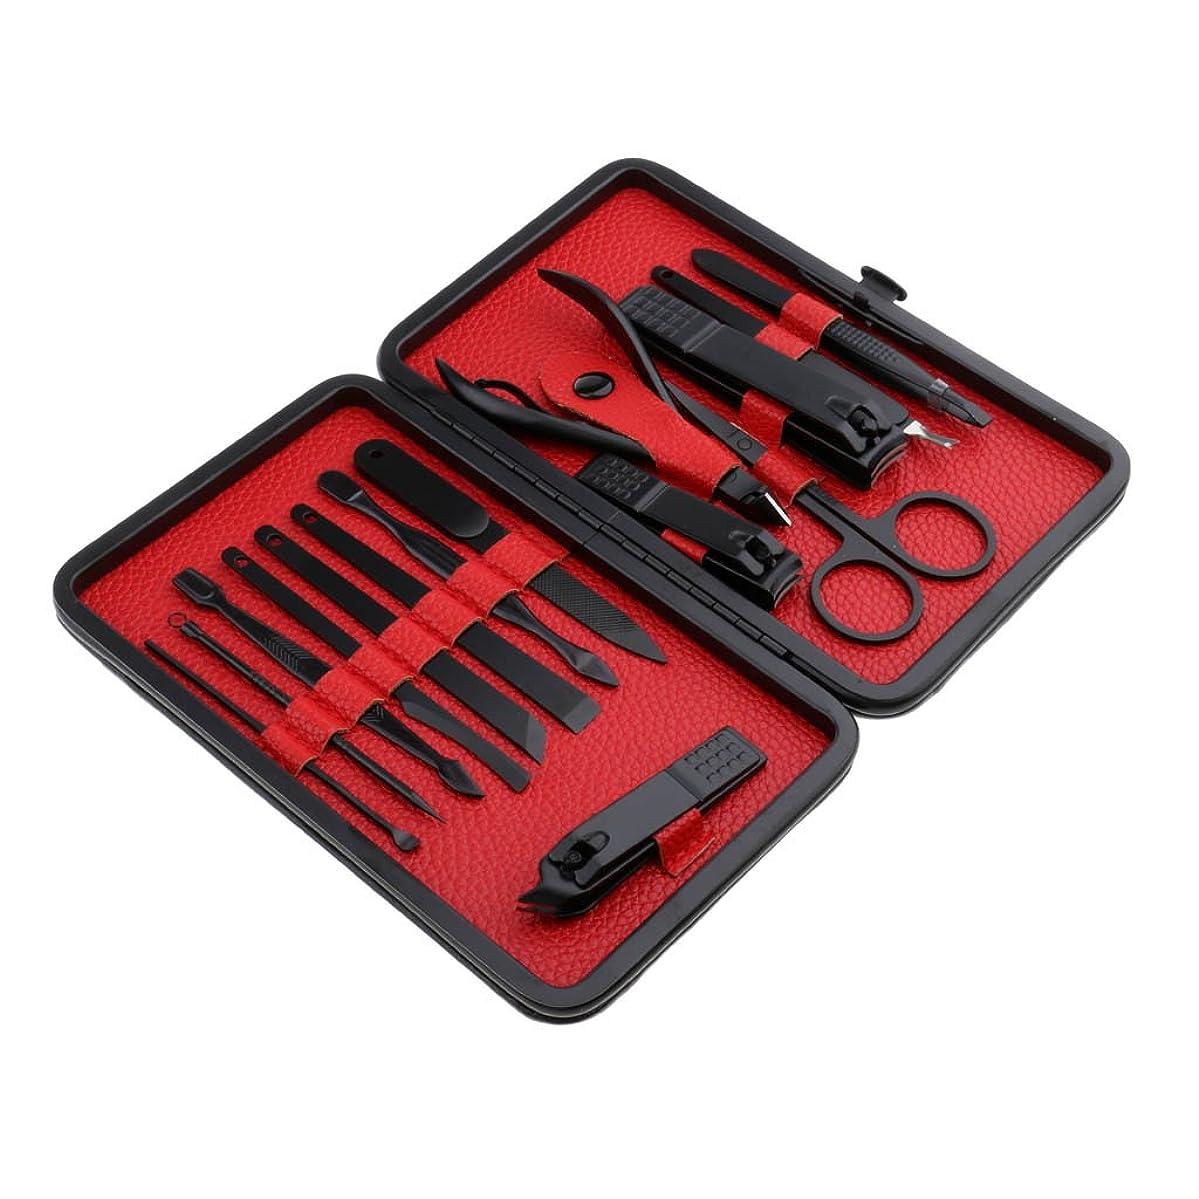 滑るアスレチックプログレッシブPerfk 約15点入り 爪やすりセット ステンレス製 ネイル マニキュア ネイルカッター クリッパー 人間工学 高品質 PUレザーケース付き 2色選べる - 赤